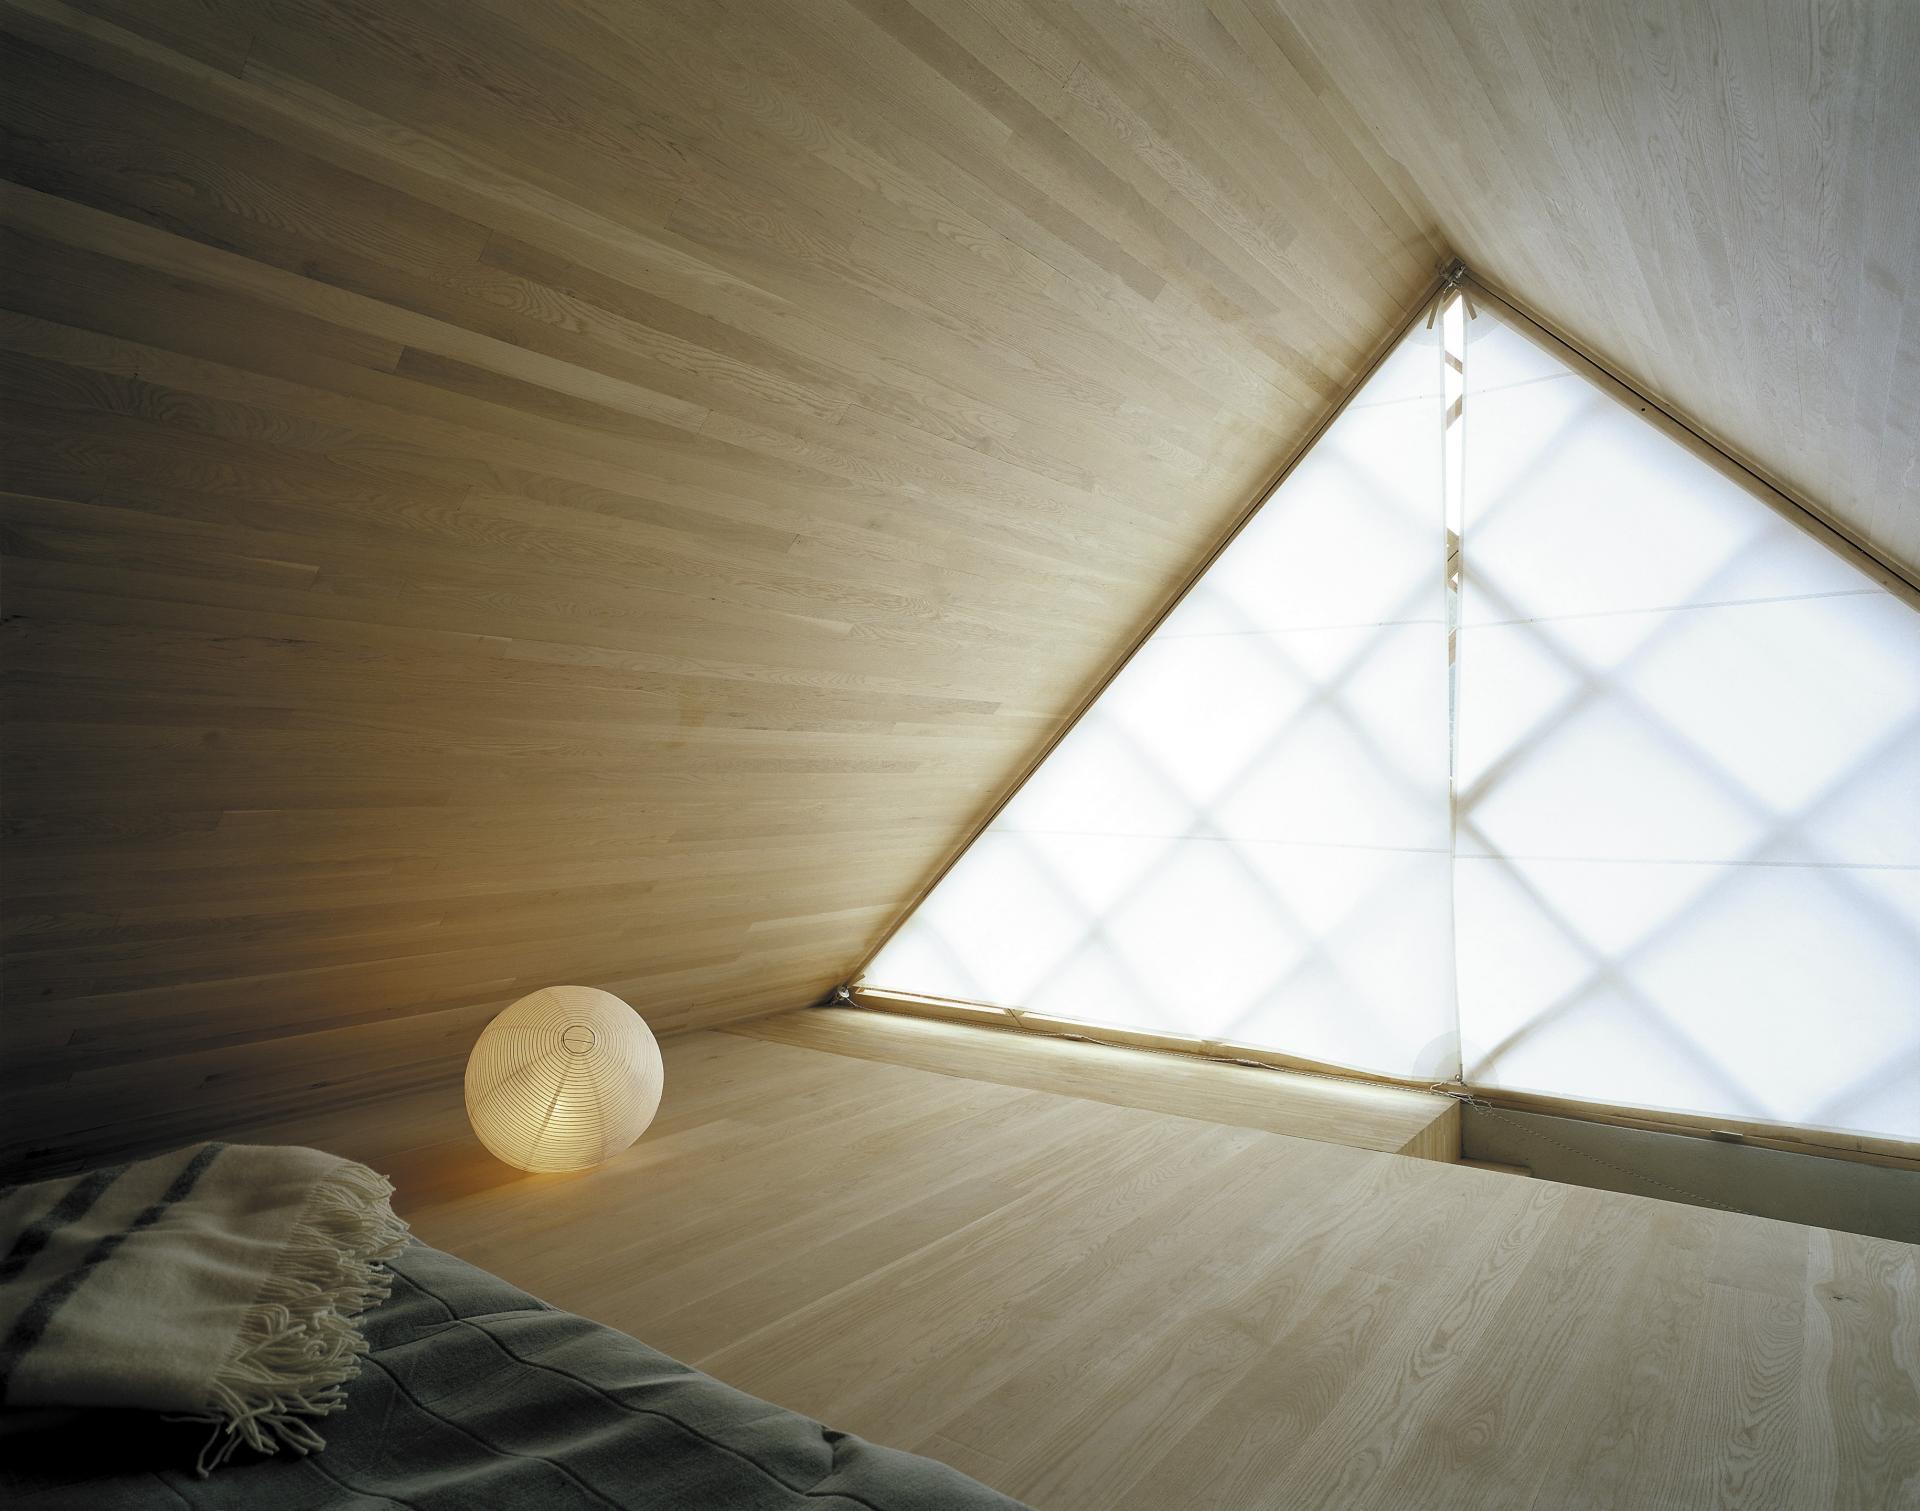 Triangular bedroom window